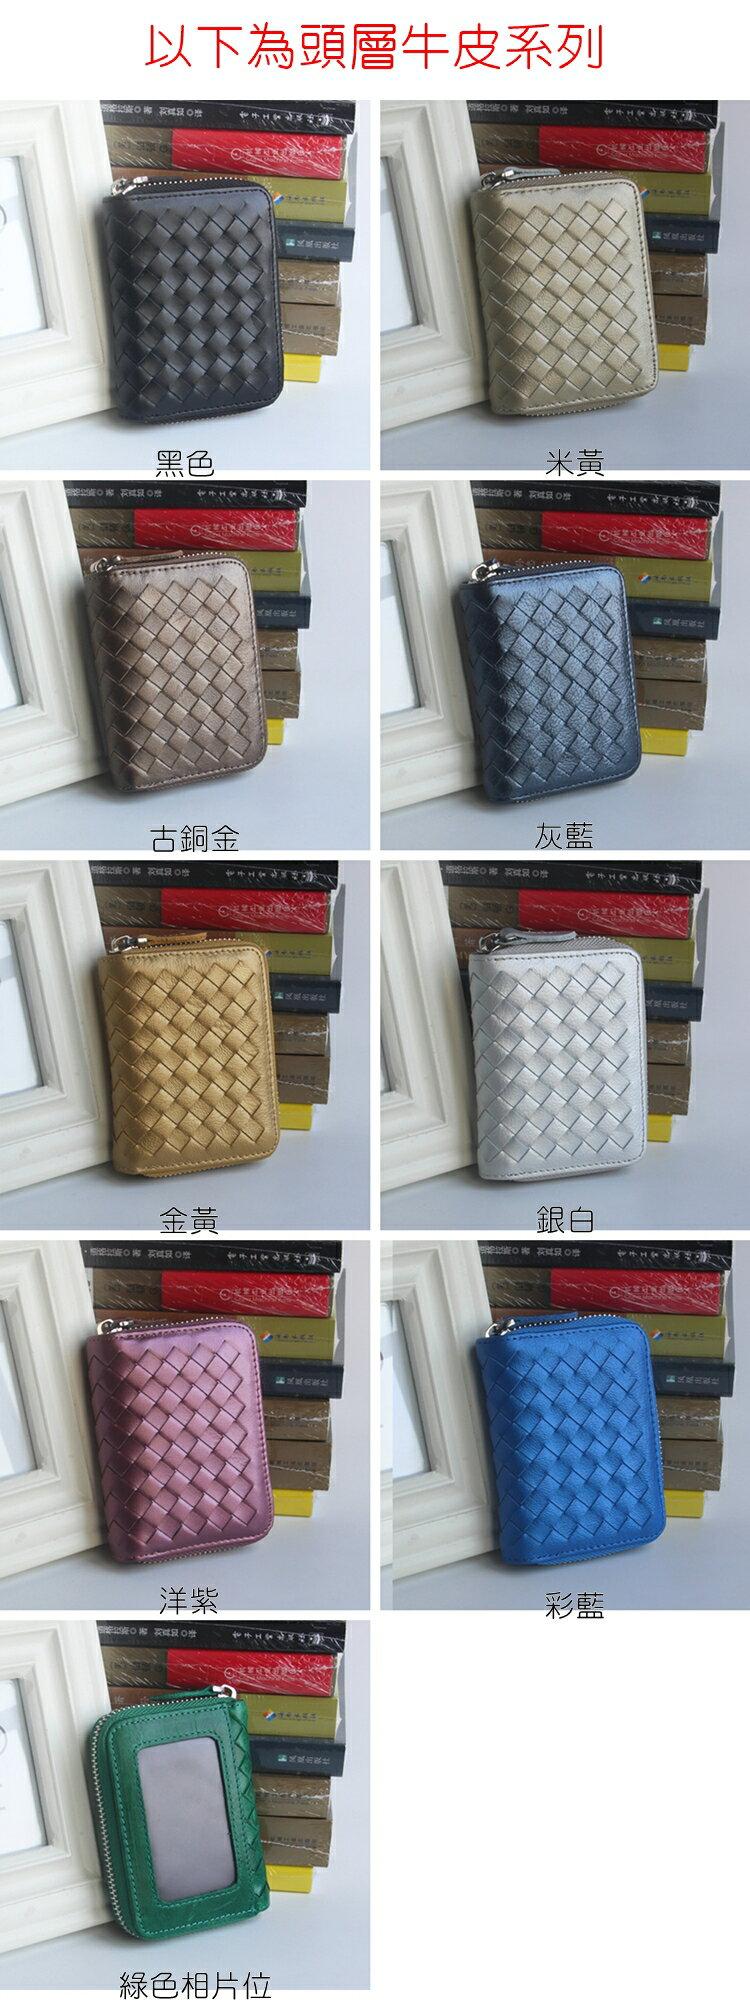 【喜番屋】真皮手工編織羊皮男女通用拉鏈10卡位風琴零錢包卡片包卡片夾附包裝【KN39】 8